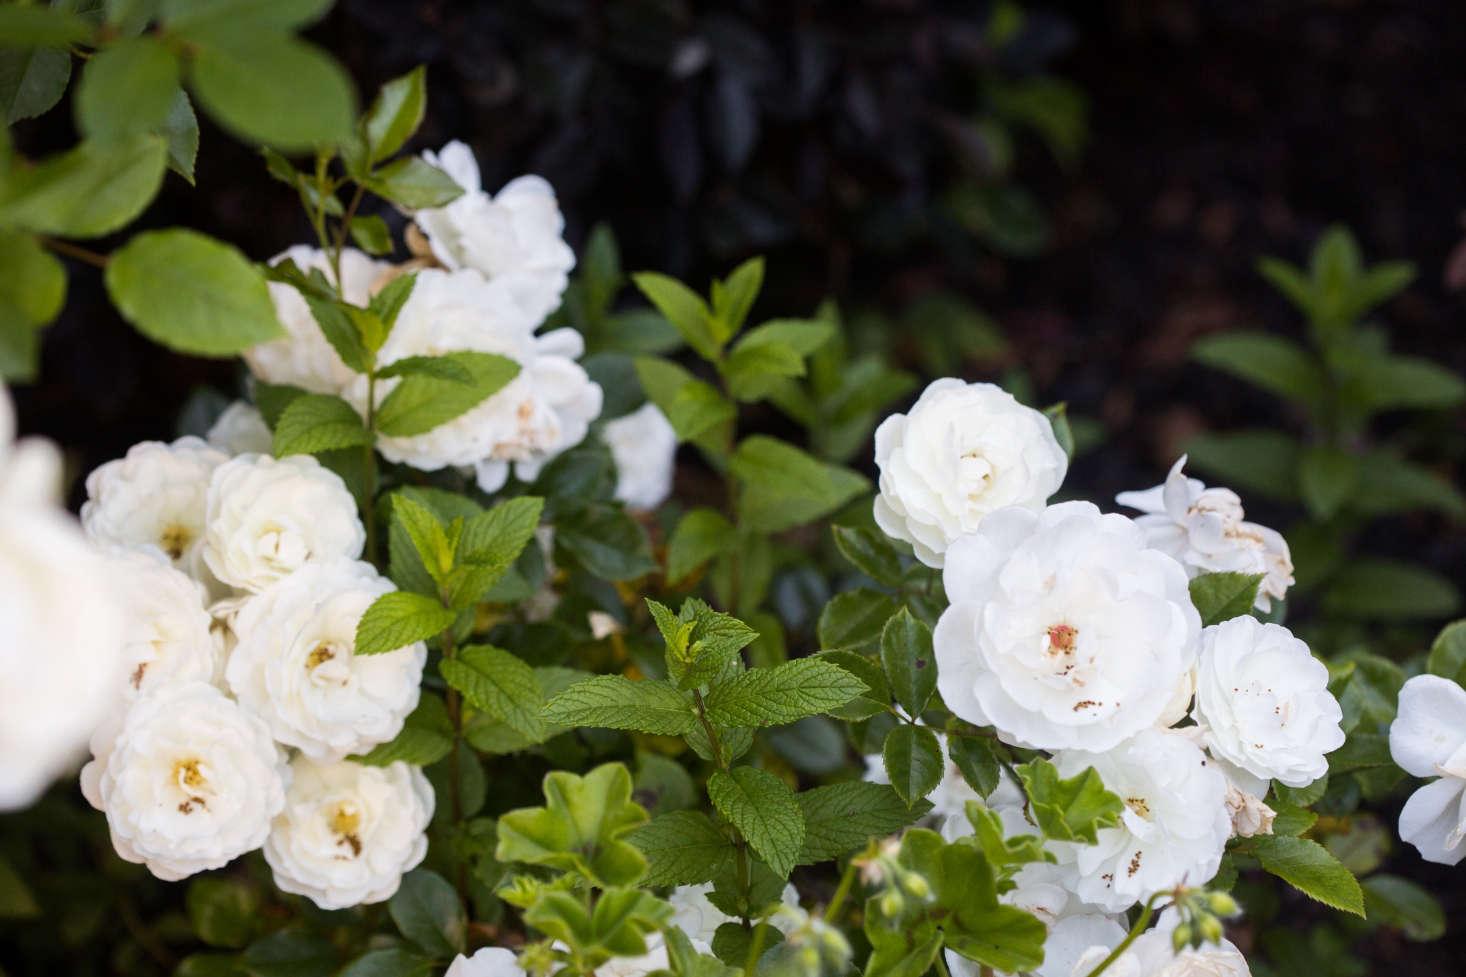 这些不是最糟糕的,玫瑰,玫瑰和玫瑰收藏的收藏品。我买了玫瑰——玫瑰玫瑰,玫瑰玫瑰,花了很多玫瑰玫瑰,玫瑰花瓣的花瓣